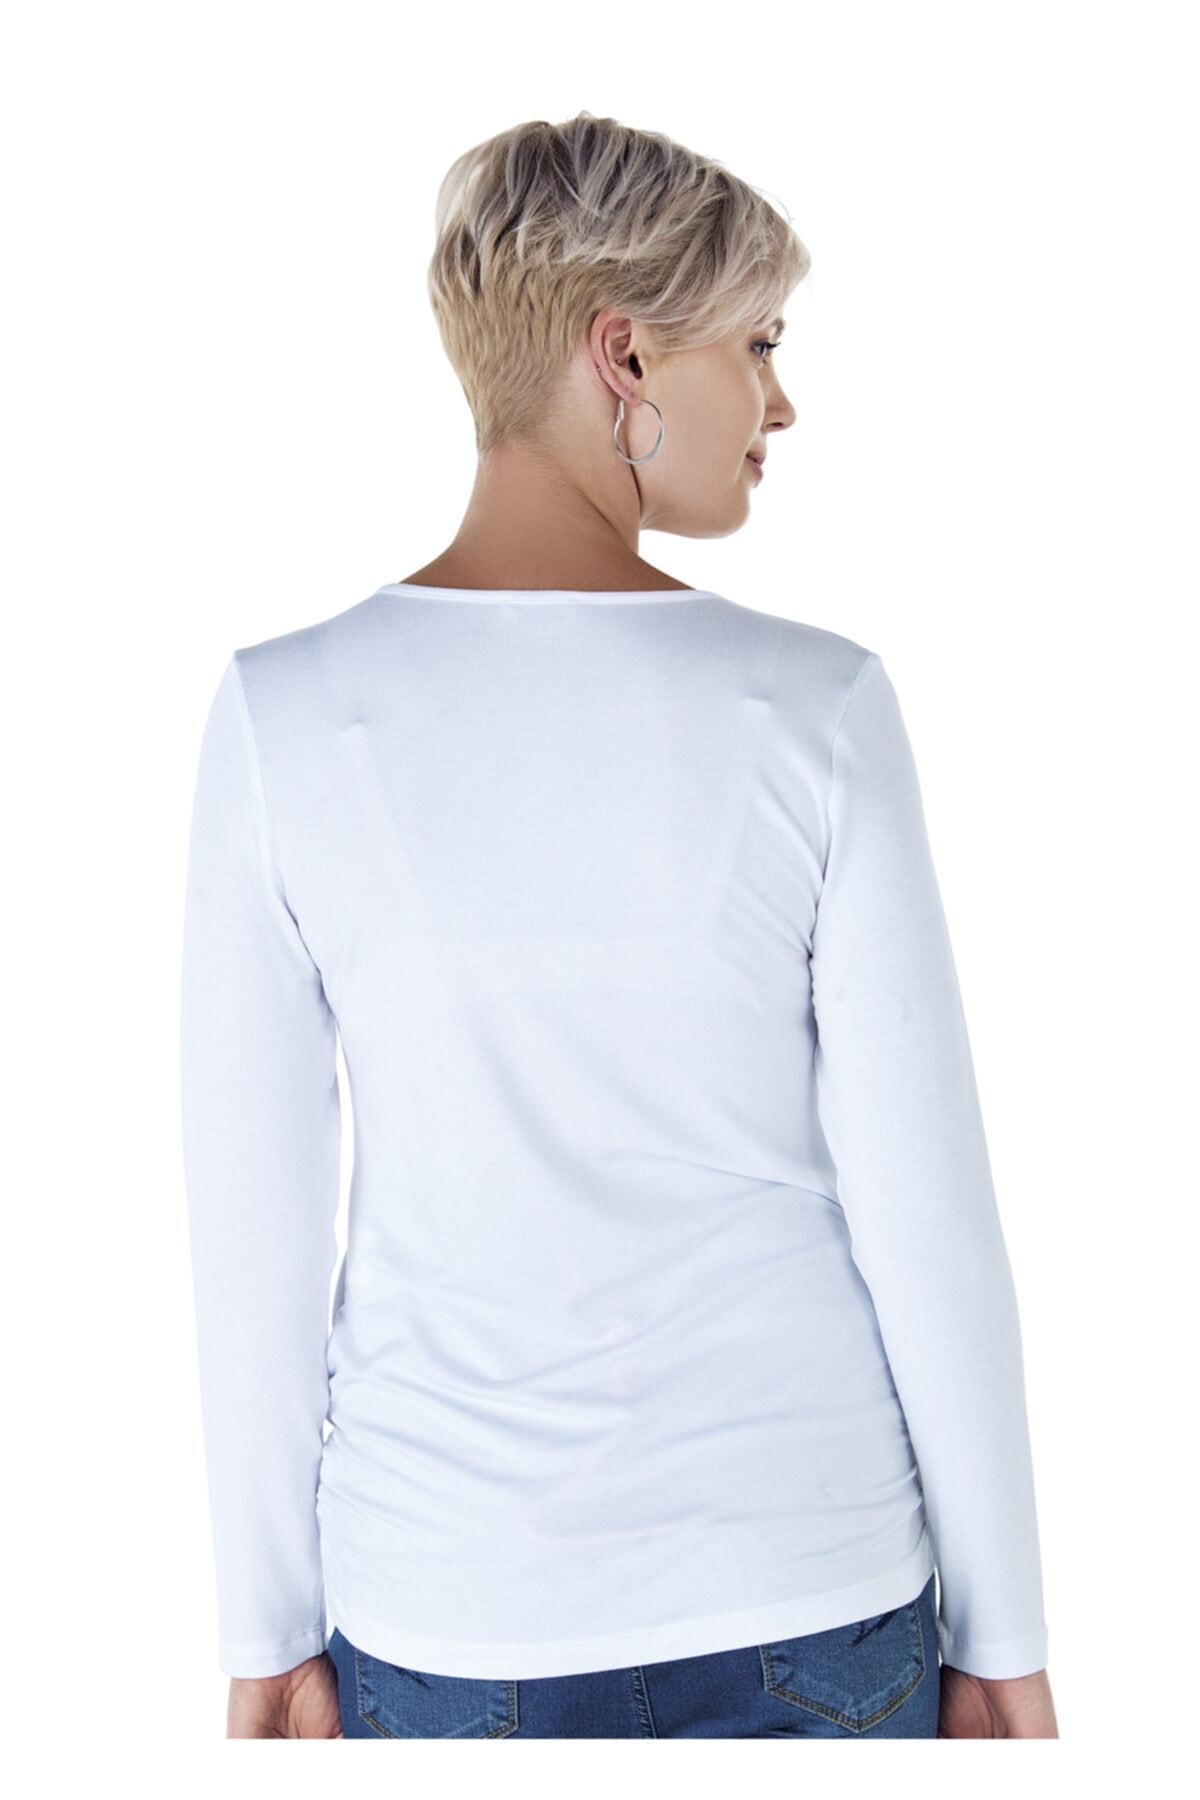 Ebru Maternity 4256 - Yuvarlak Yaka Beyaz Hamile Tişörtü 2